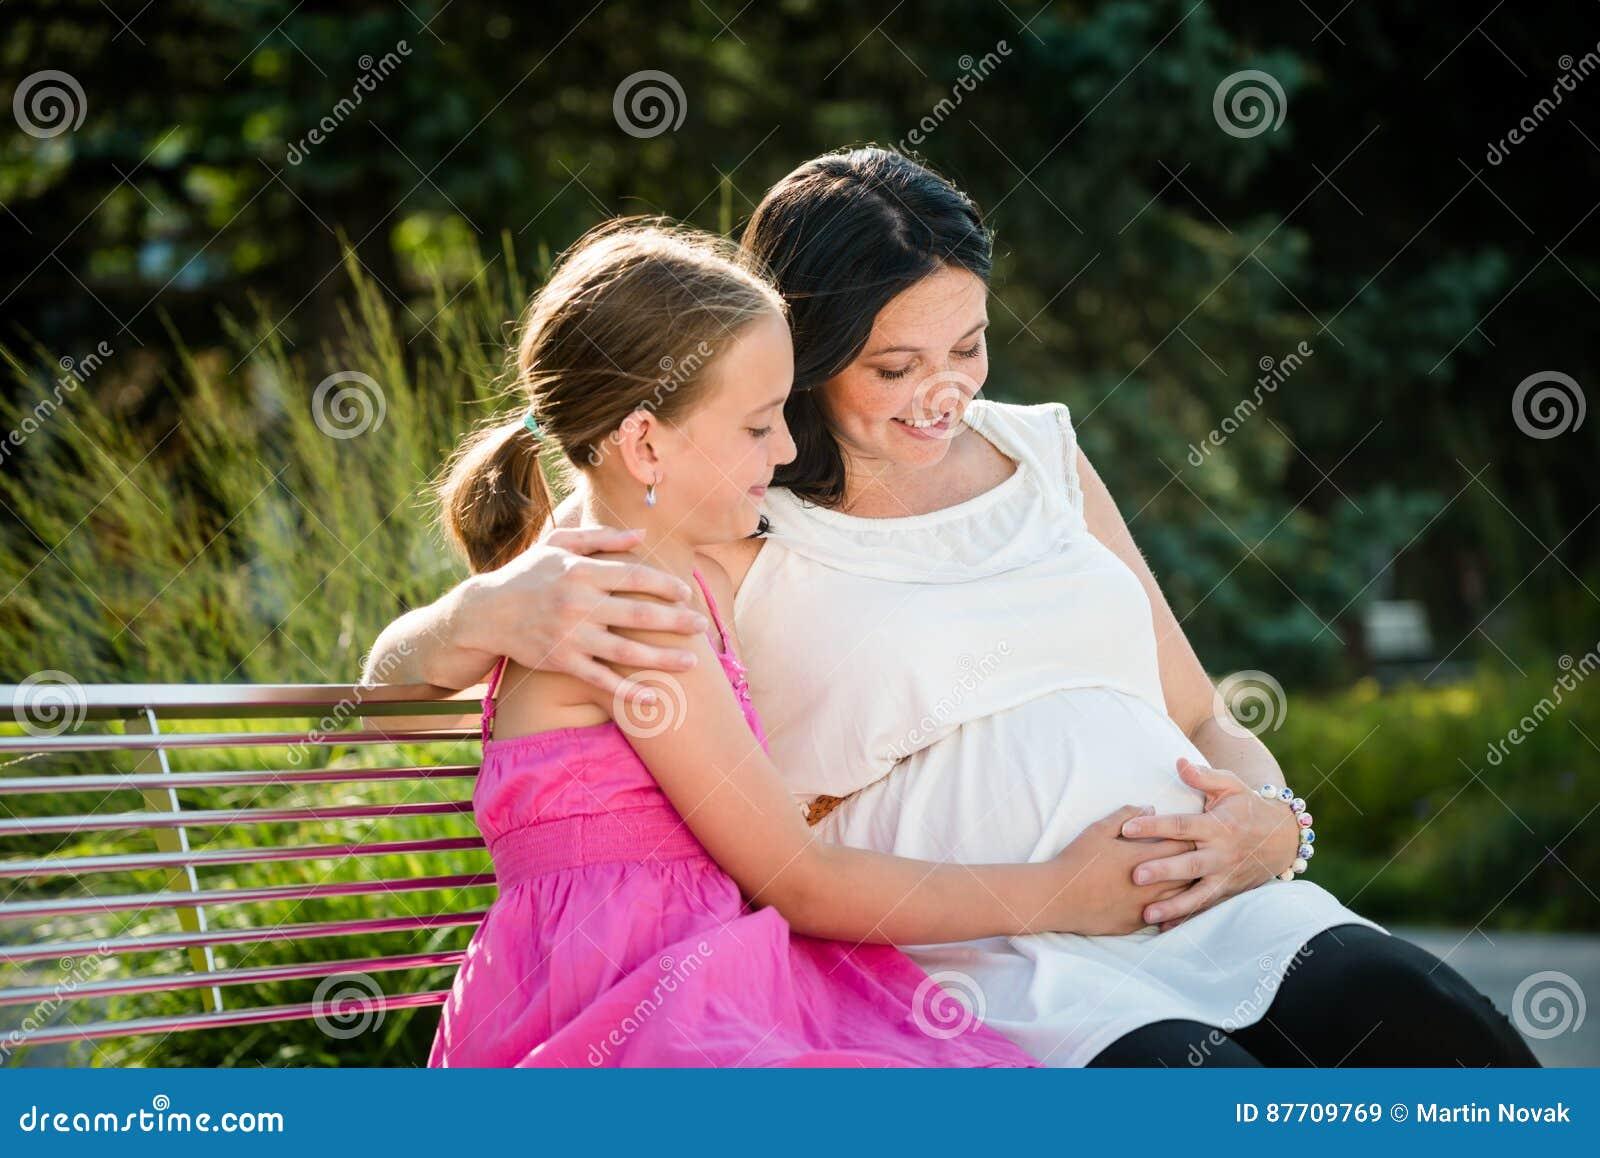 Mère enceinte embrassant sa fille mignonne